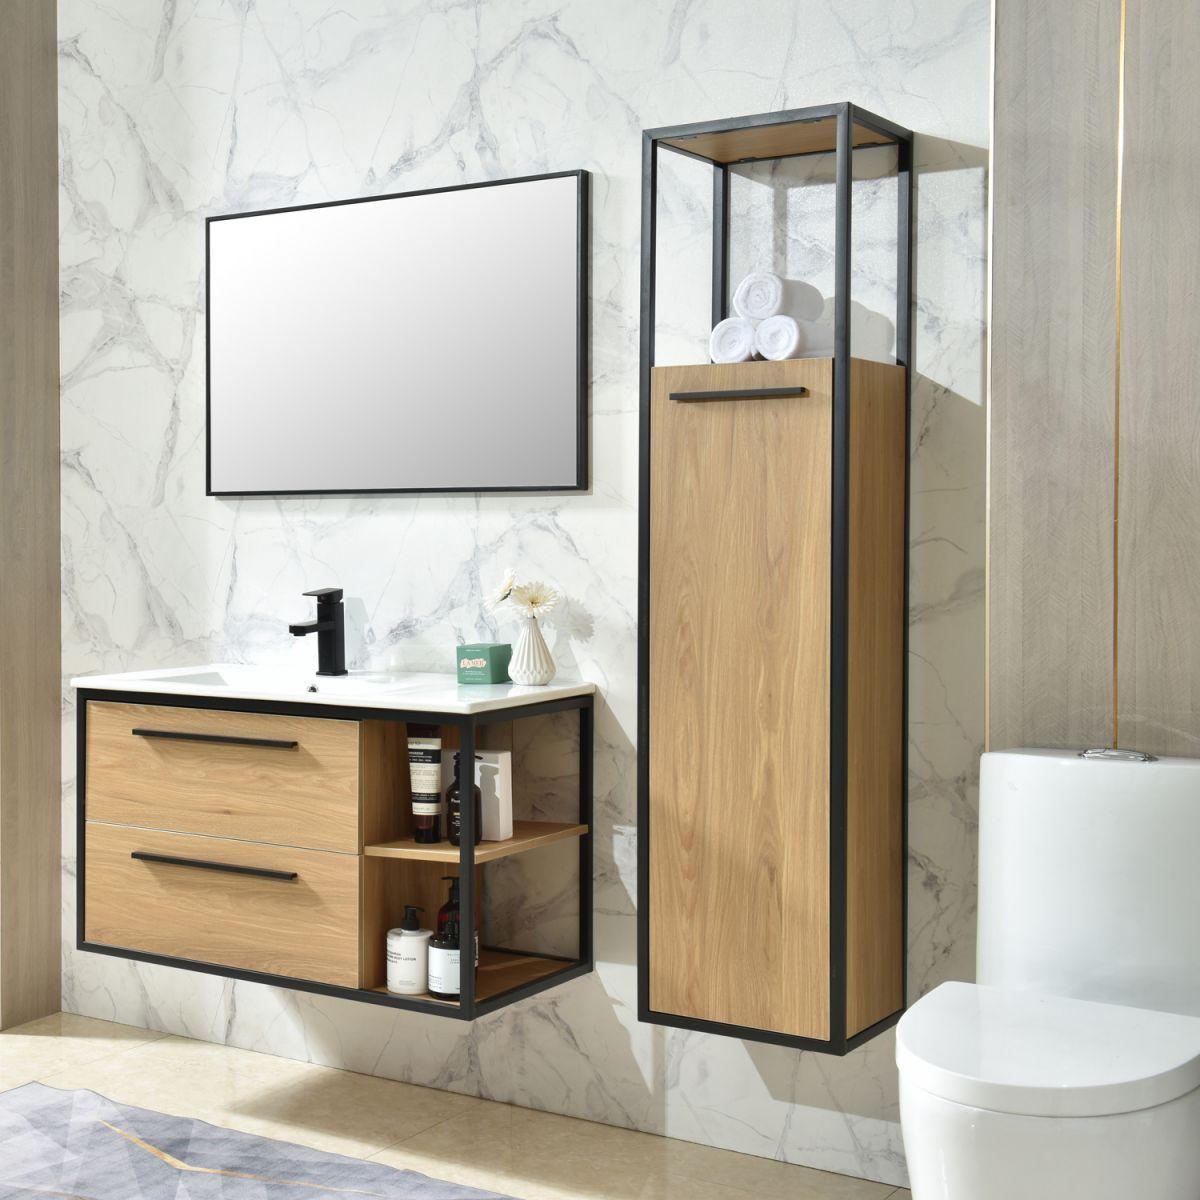 MF 1958 2 Mobile bagno Tallin sospeso da 90 cm bianco effetto legno con lavabo specchio e colonna pensile